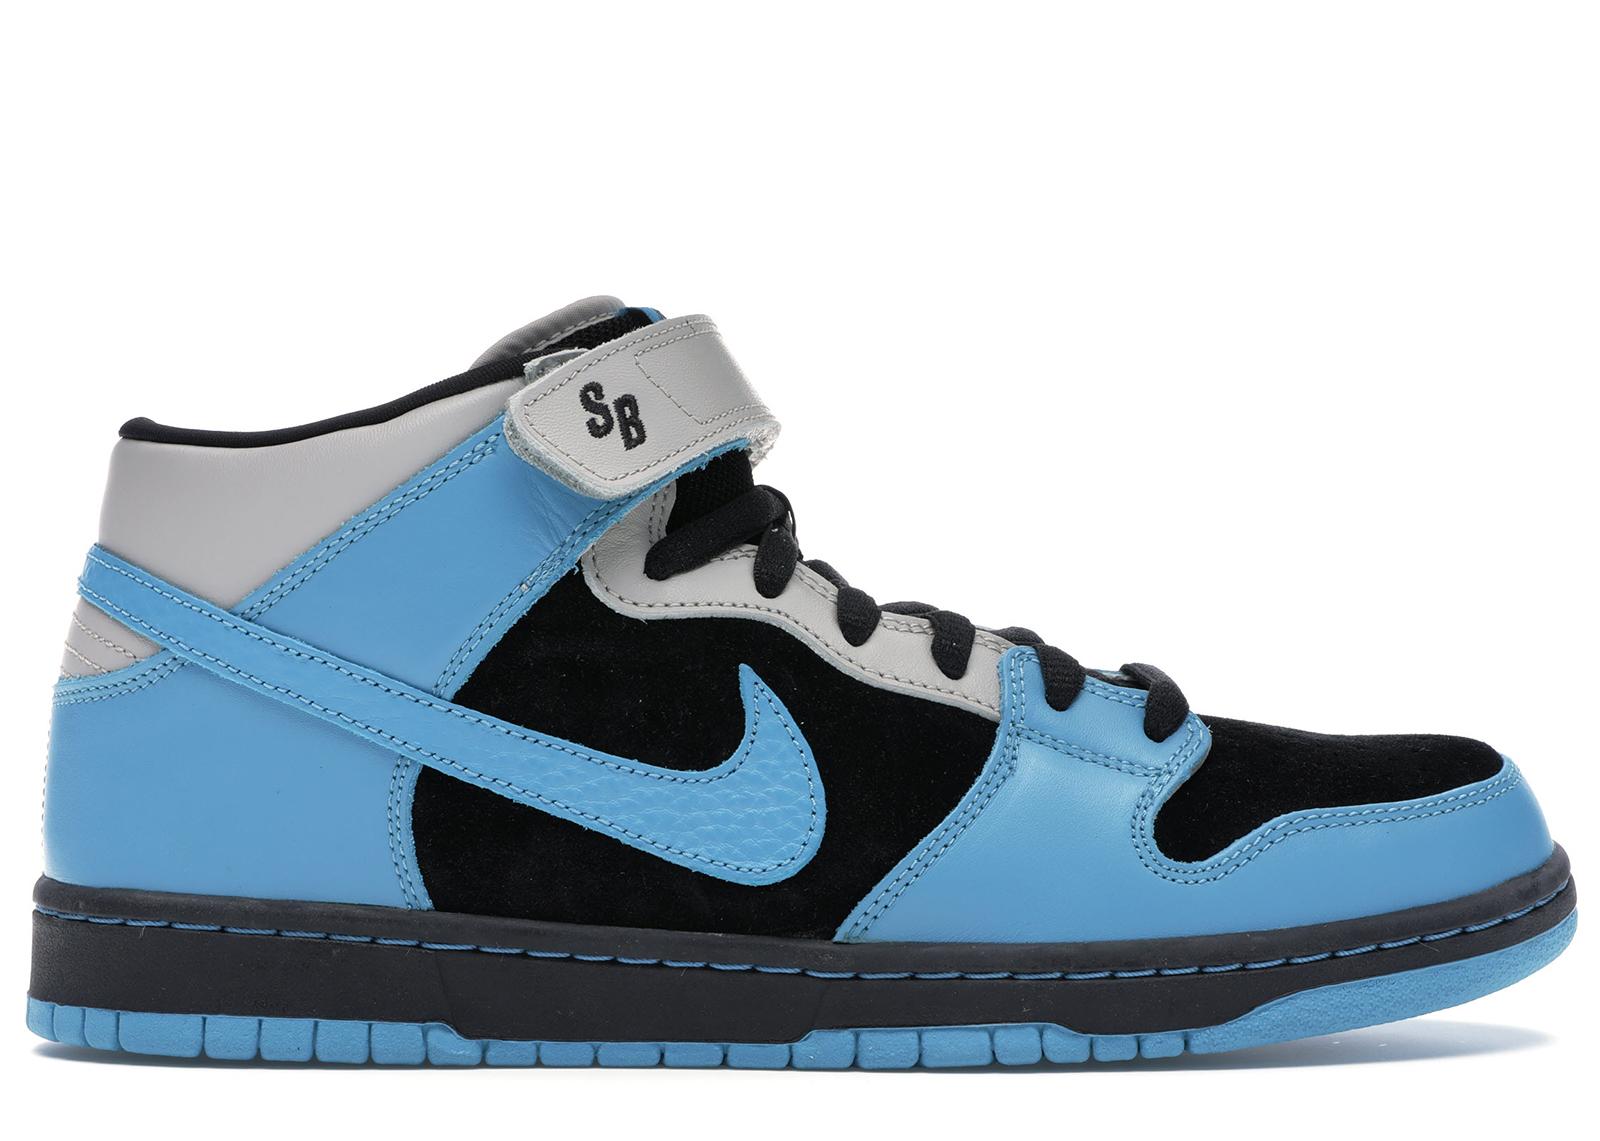 Nike SB Dunk Mid Aqua Fuel Blue